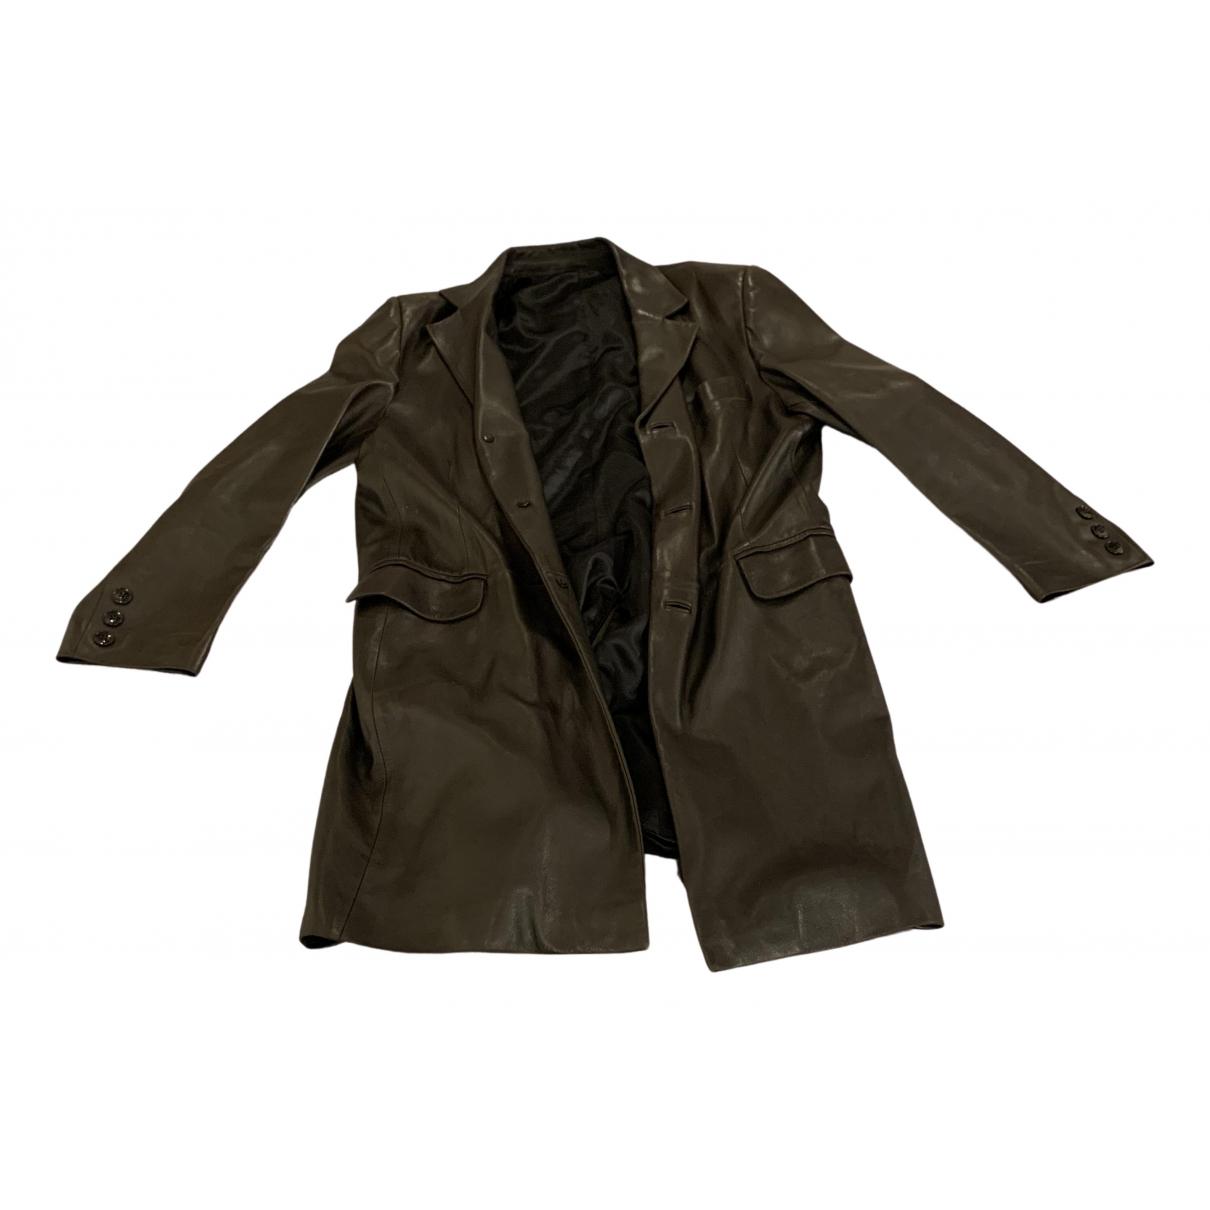 Jitrois - Manteau   pour homme en cuir - noir